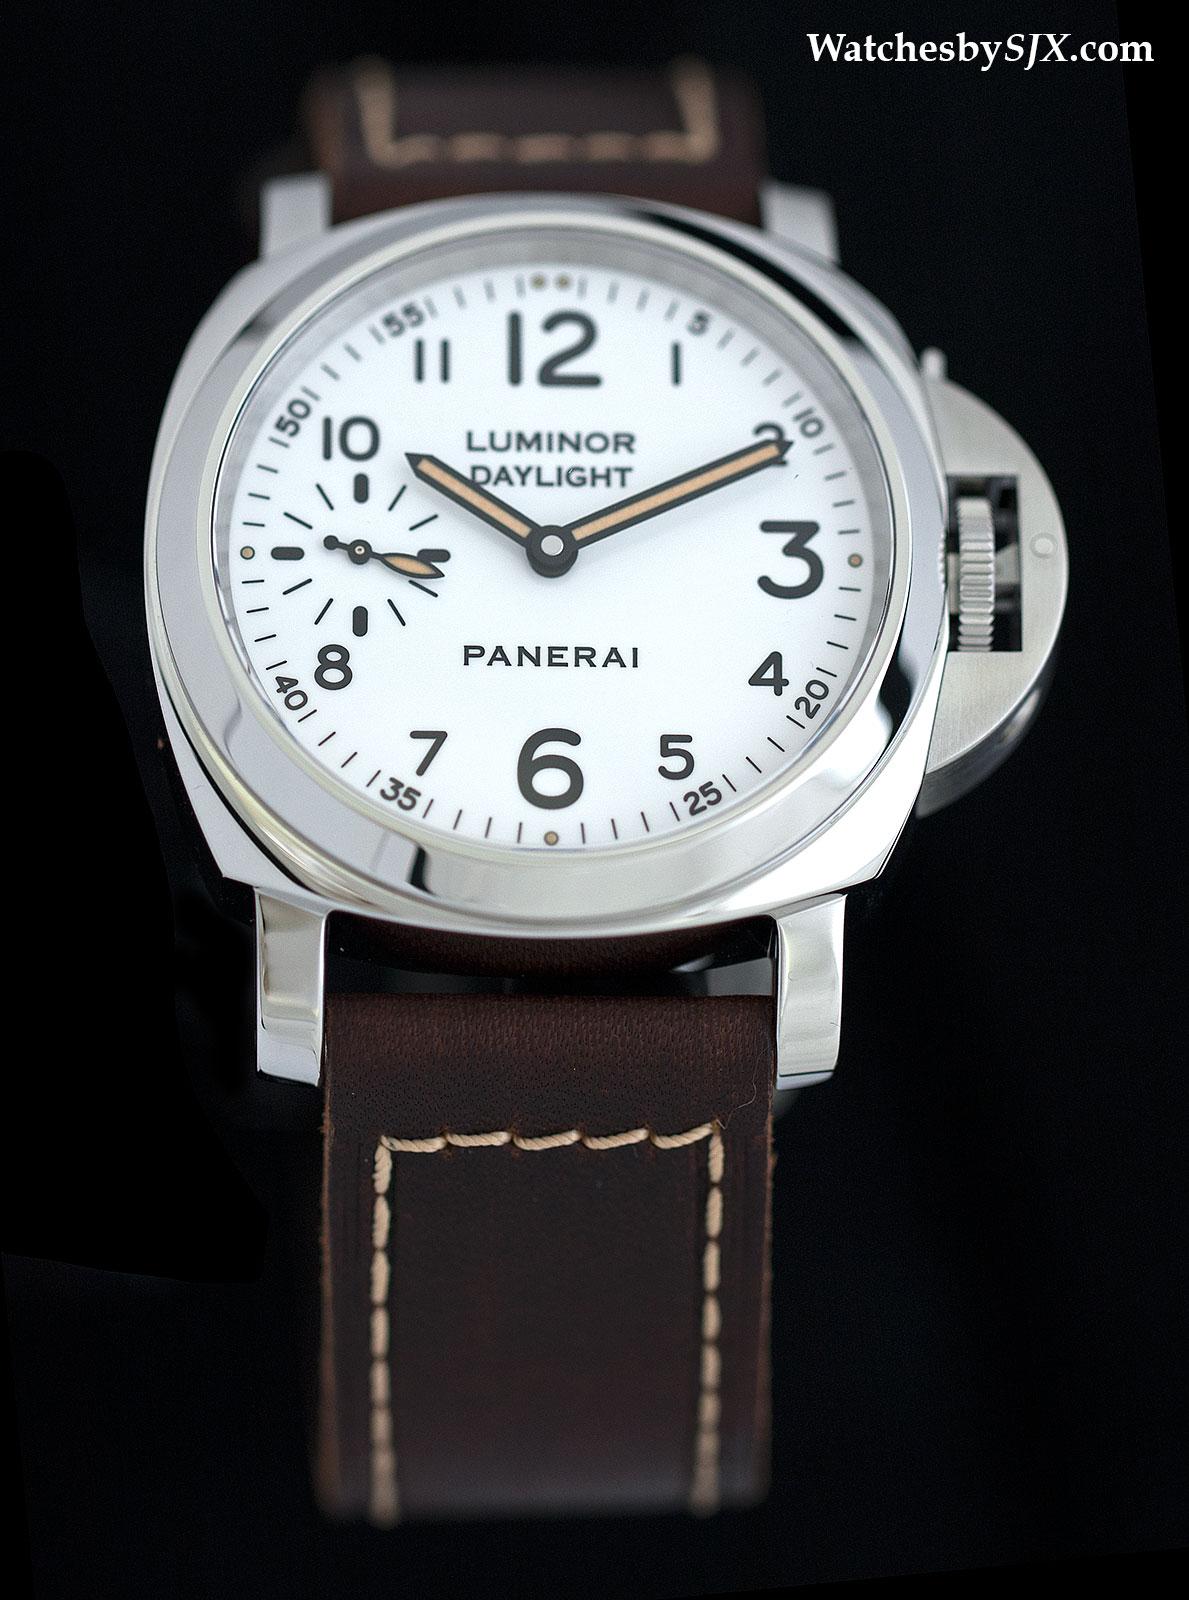 переборщили выйдите luminor panerai daylight watch price in india аромат для